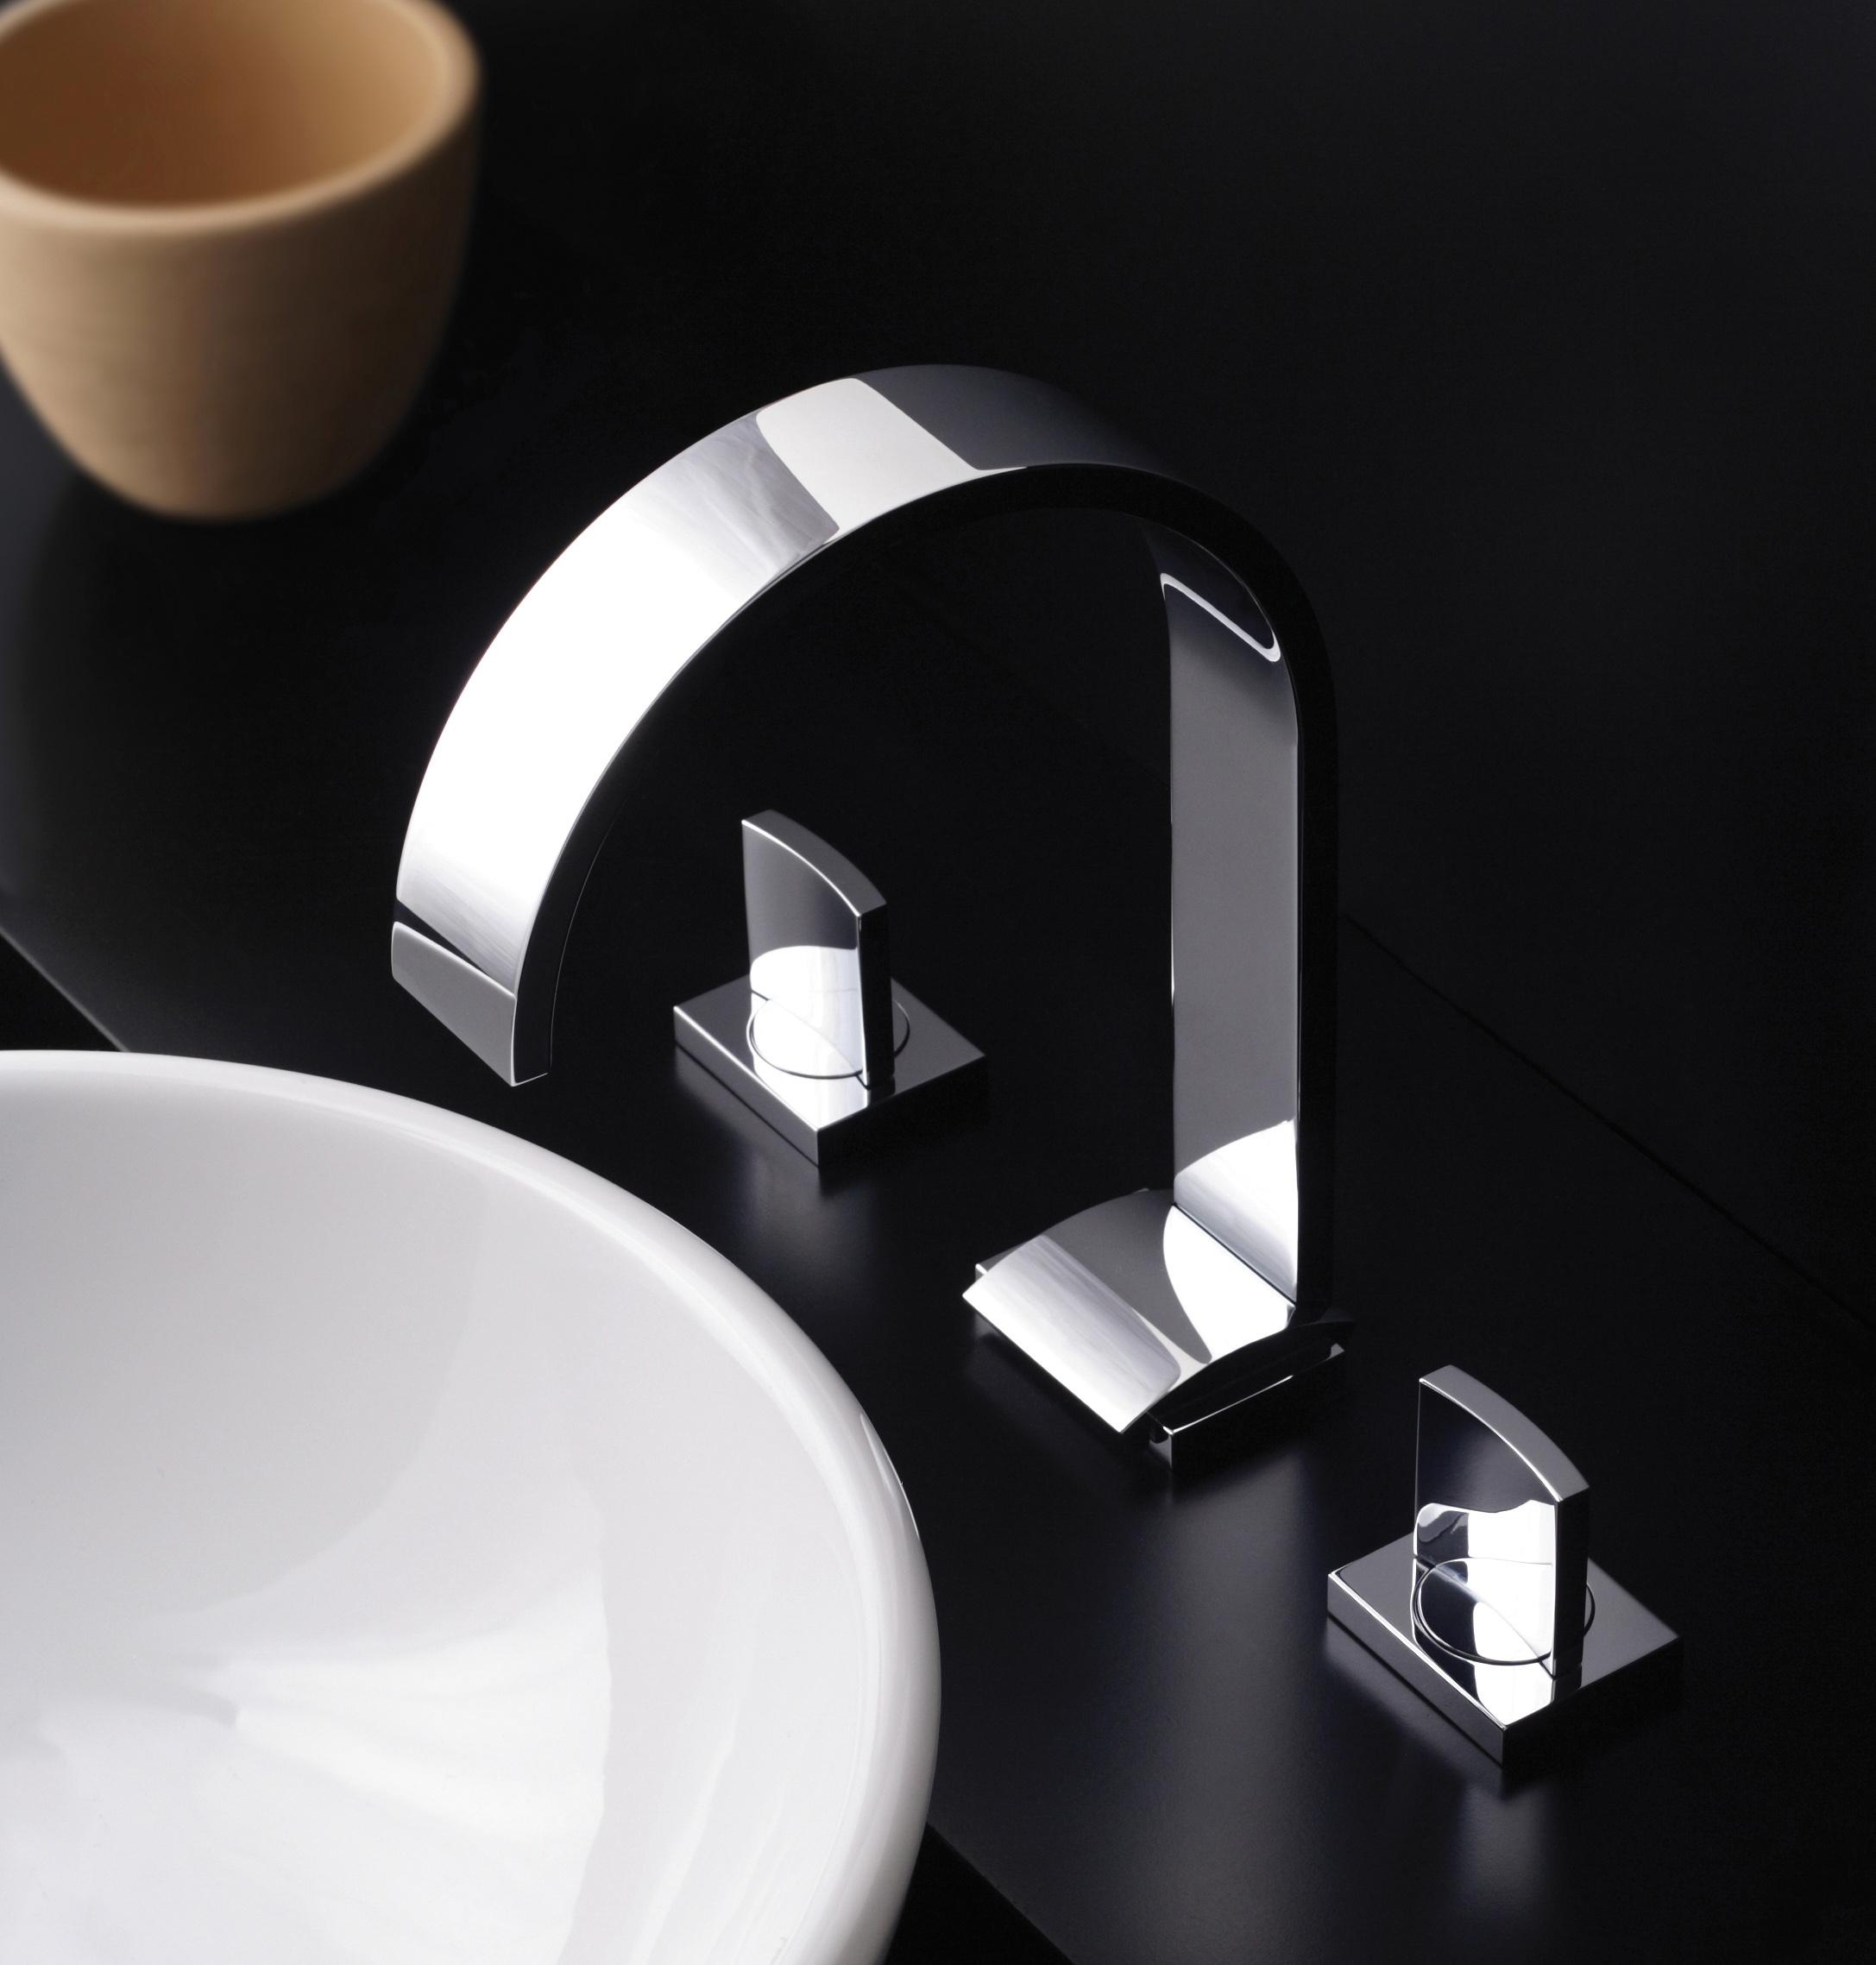 Sade Lavatory Faucet by GRAFF. Graff s Sculptural  Sensual Sento Faucet   3rings